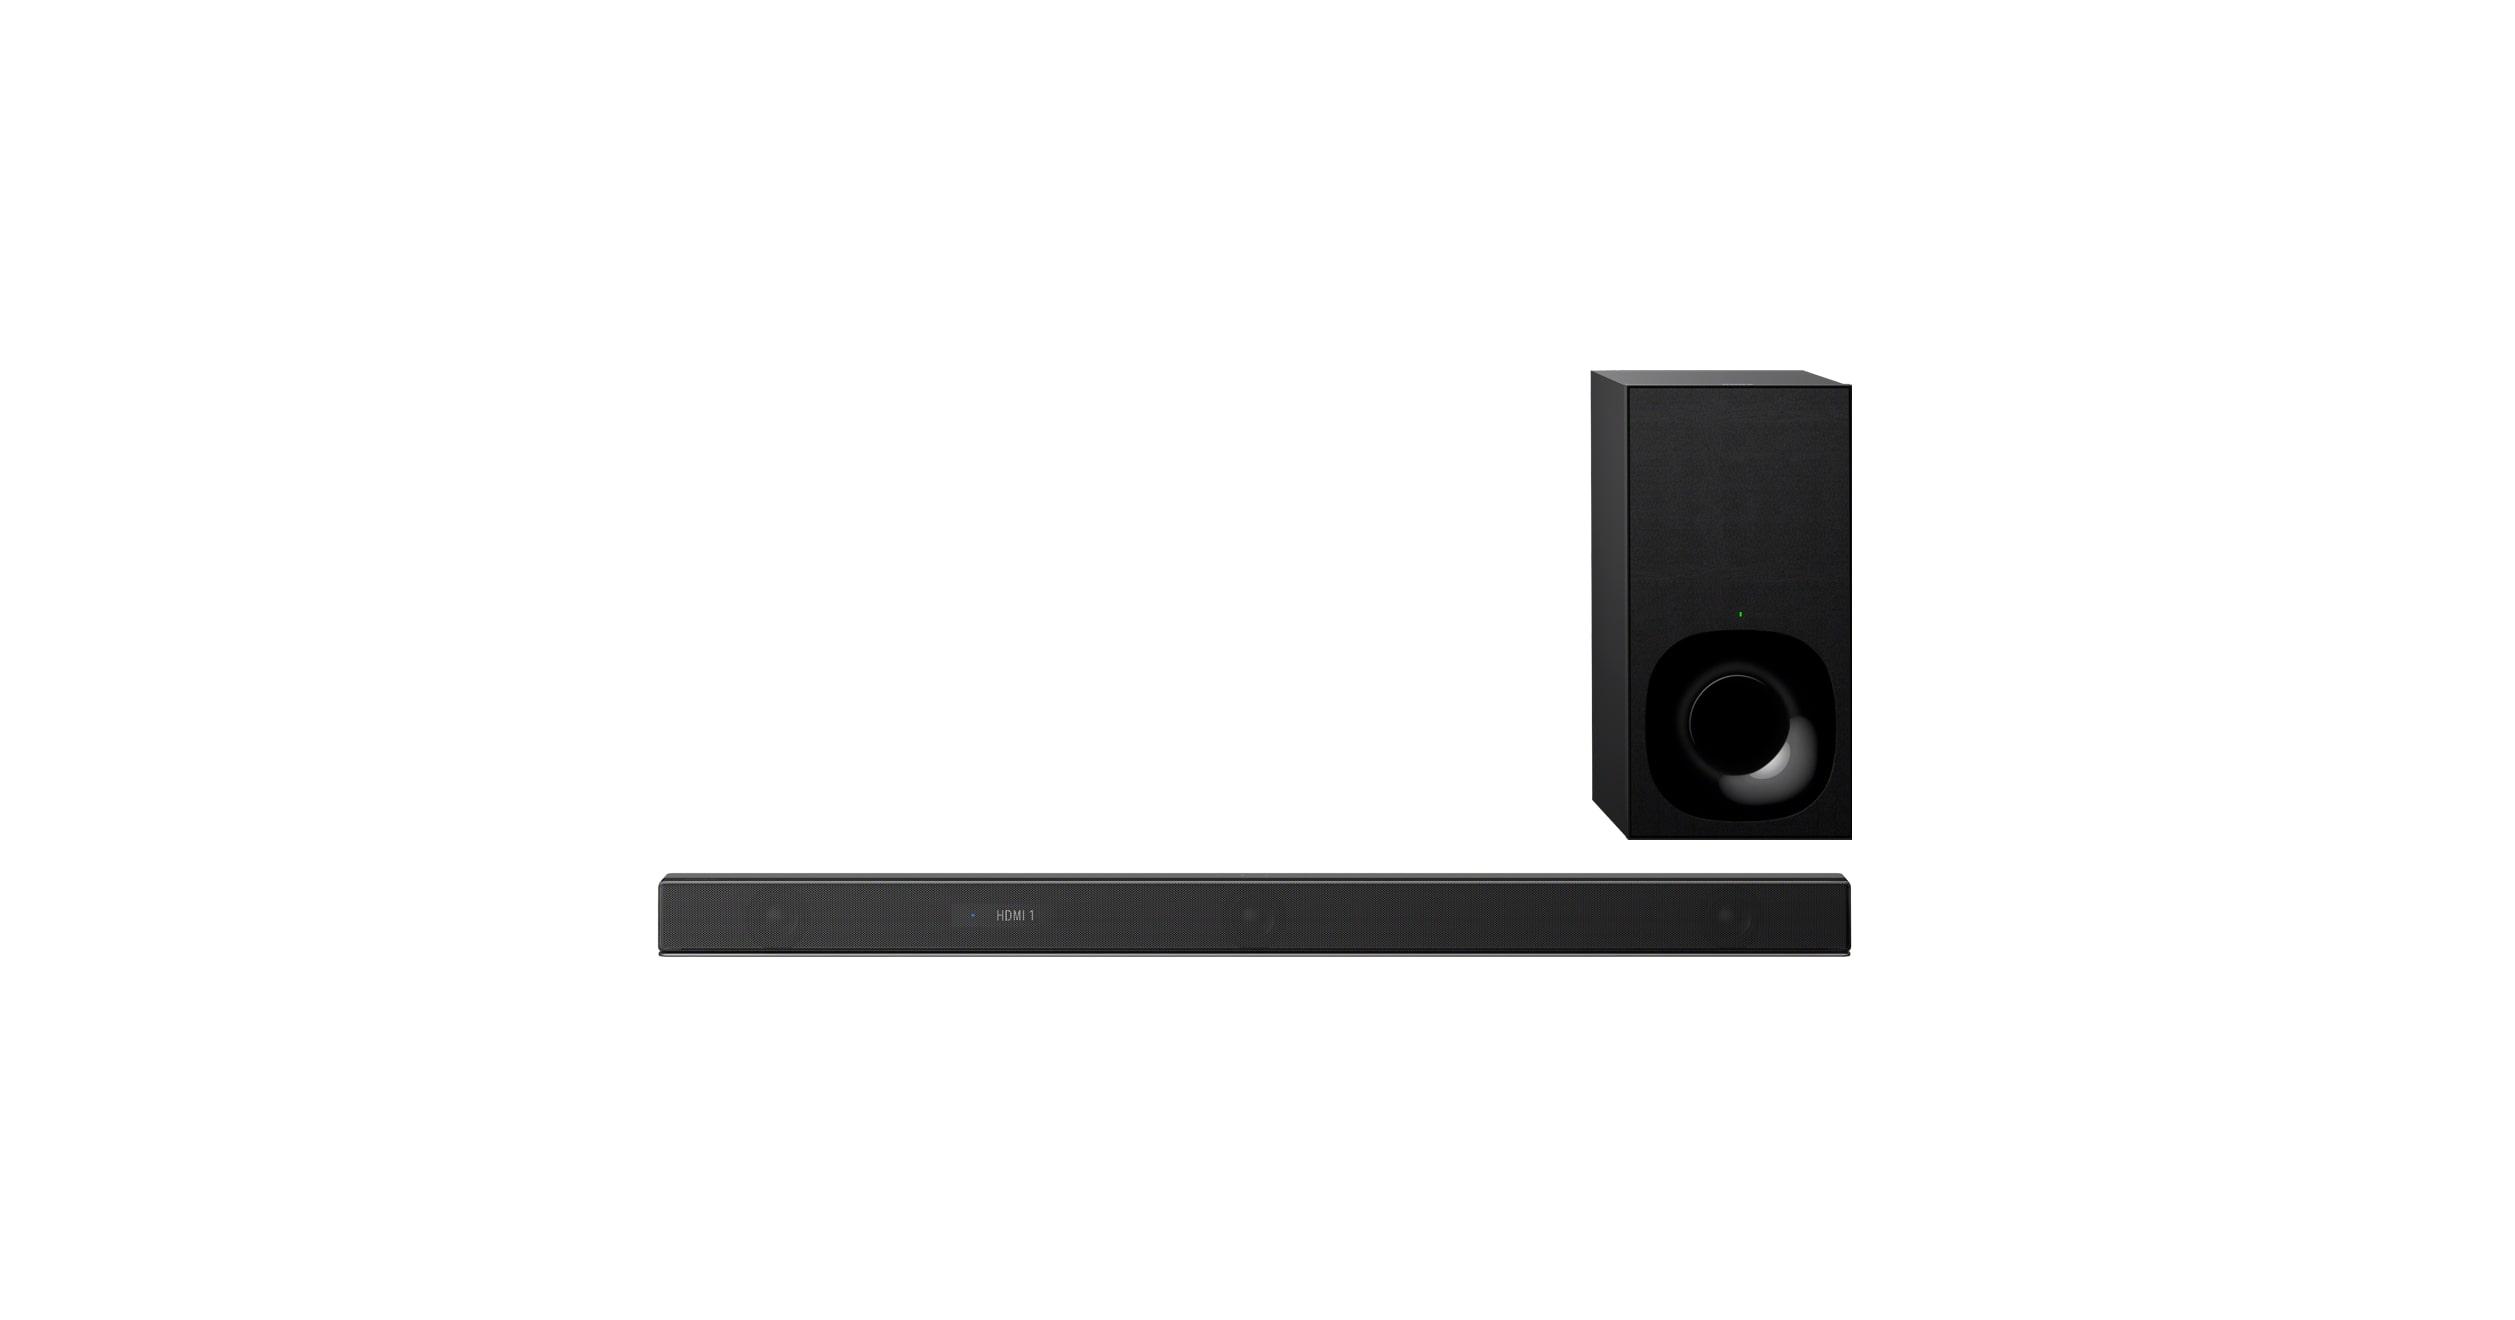 bluetooth® Technology Ht-z9f Sony x™ 3 Dolby Wi-fi Dts Atmos® Soundbar 1ch With